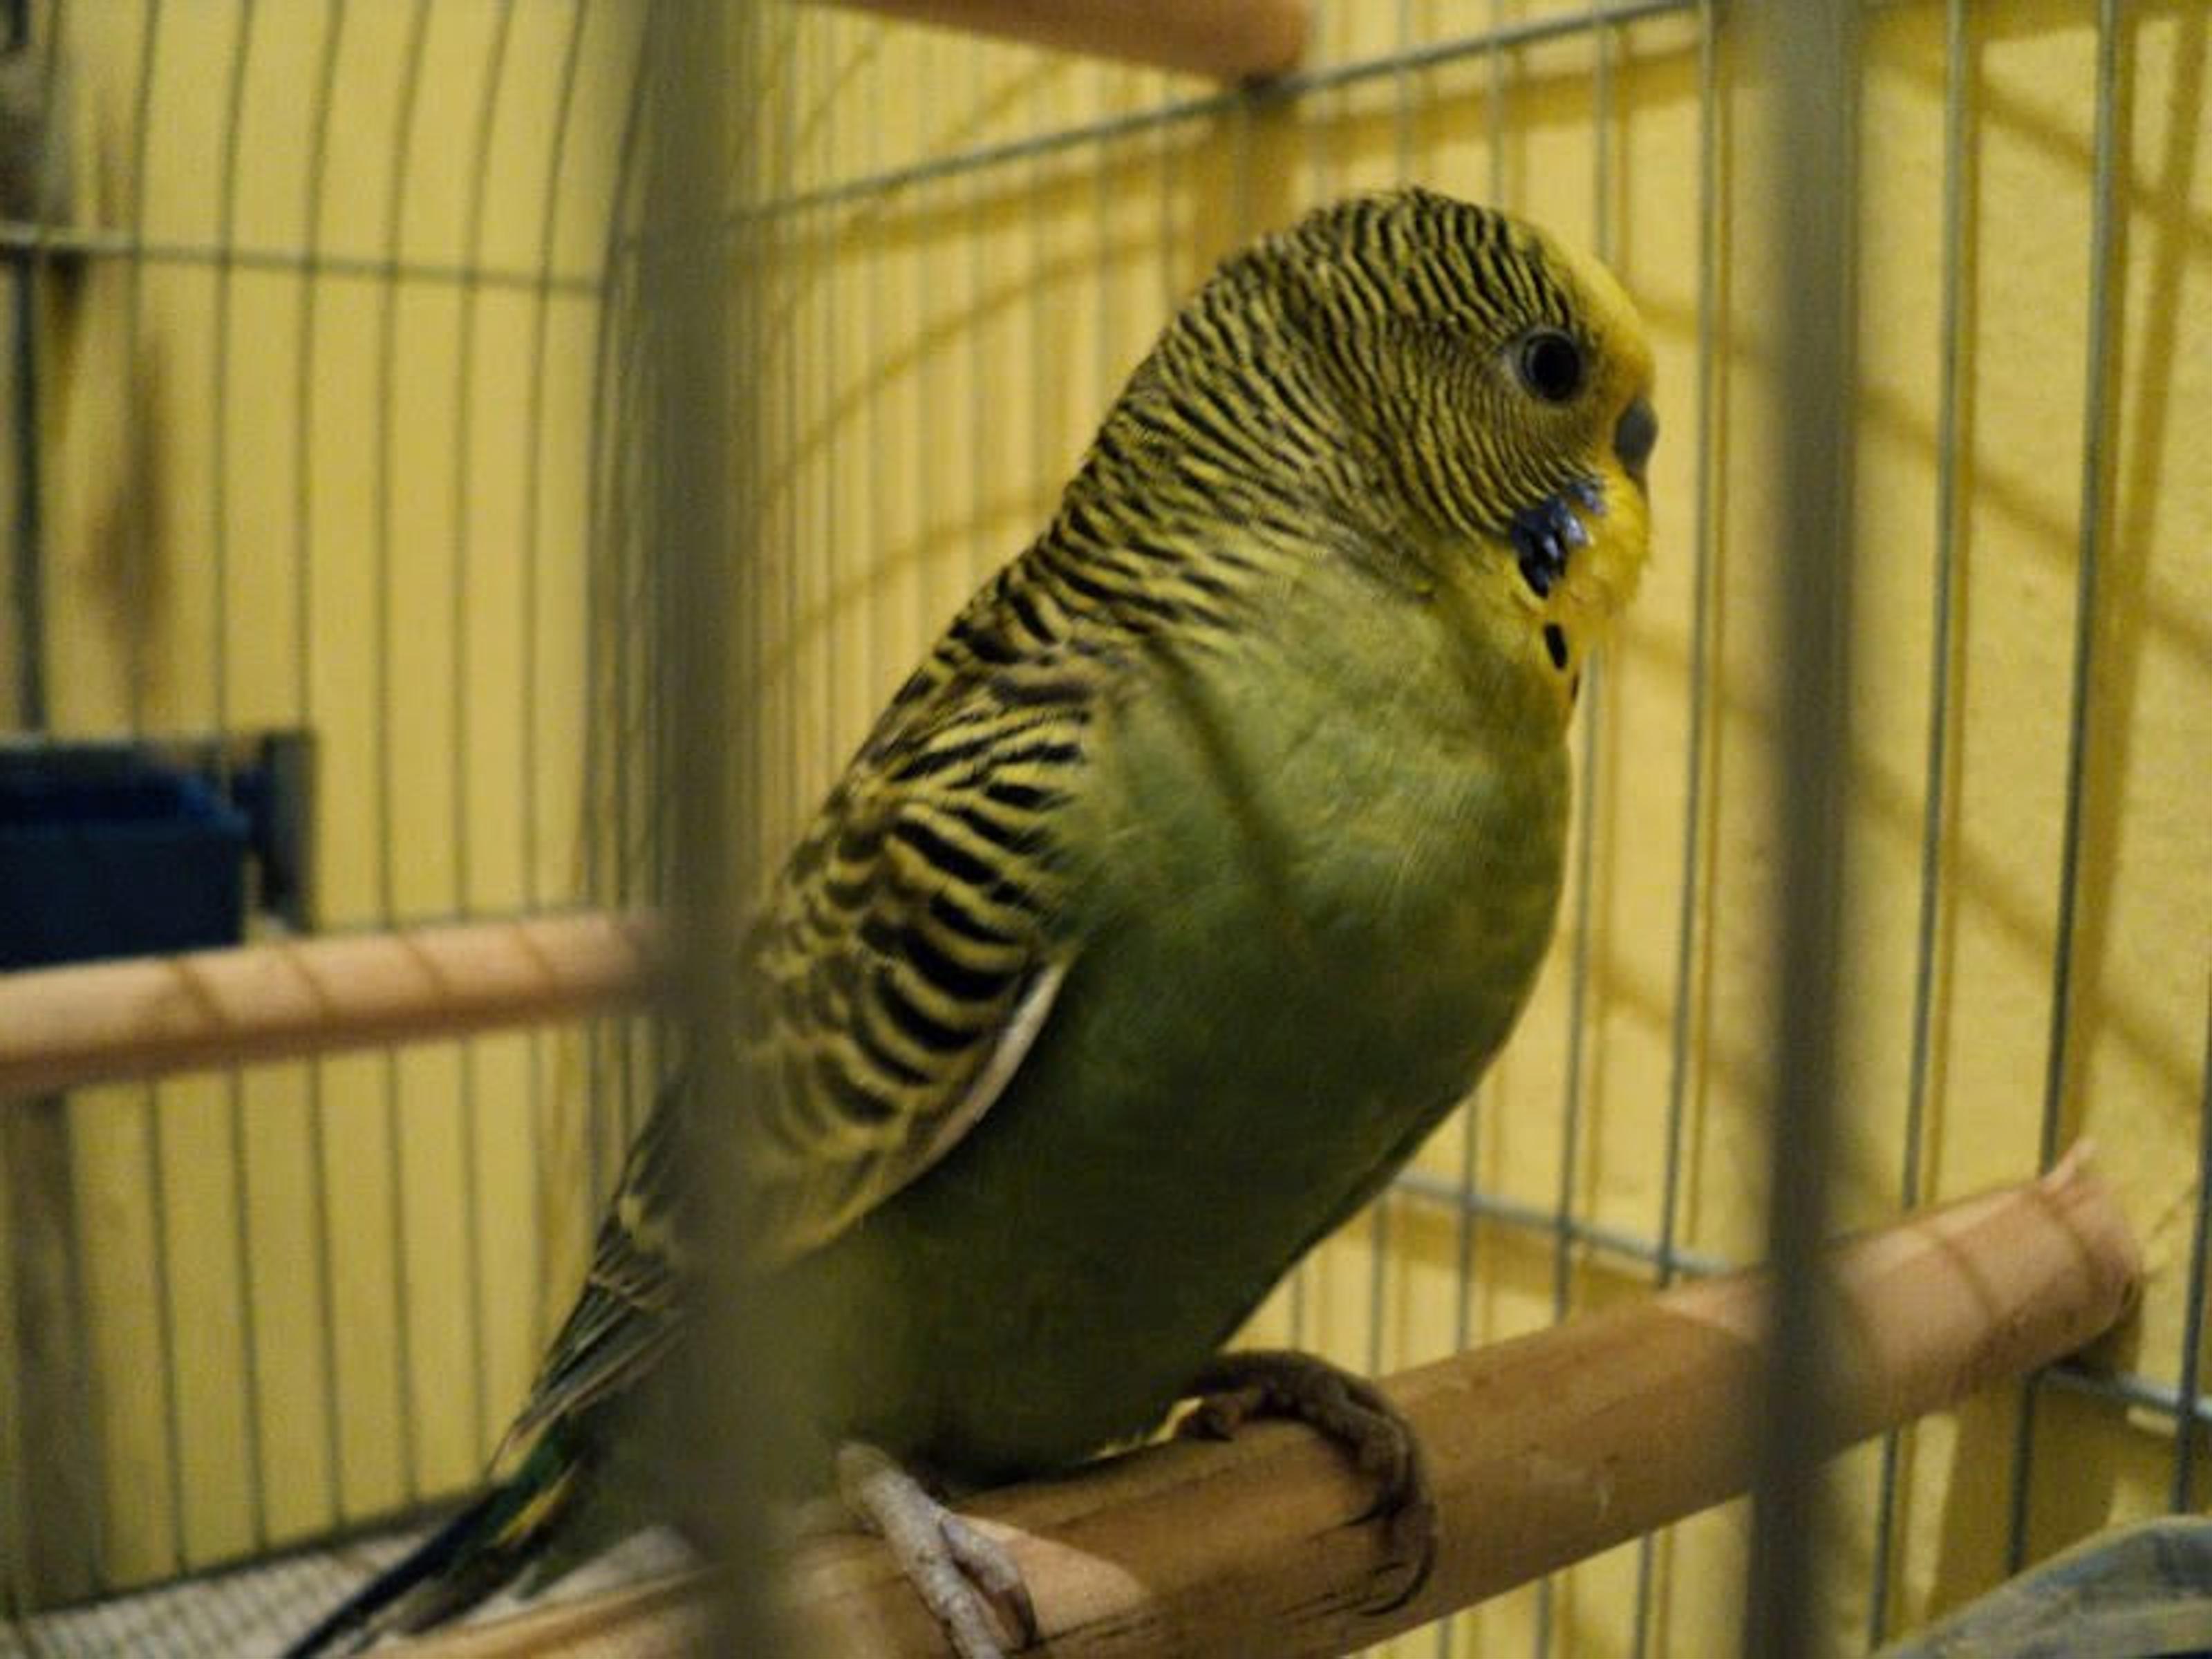 Free photograph; parakeet, looking, sideways, cage, bird, animal